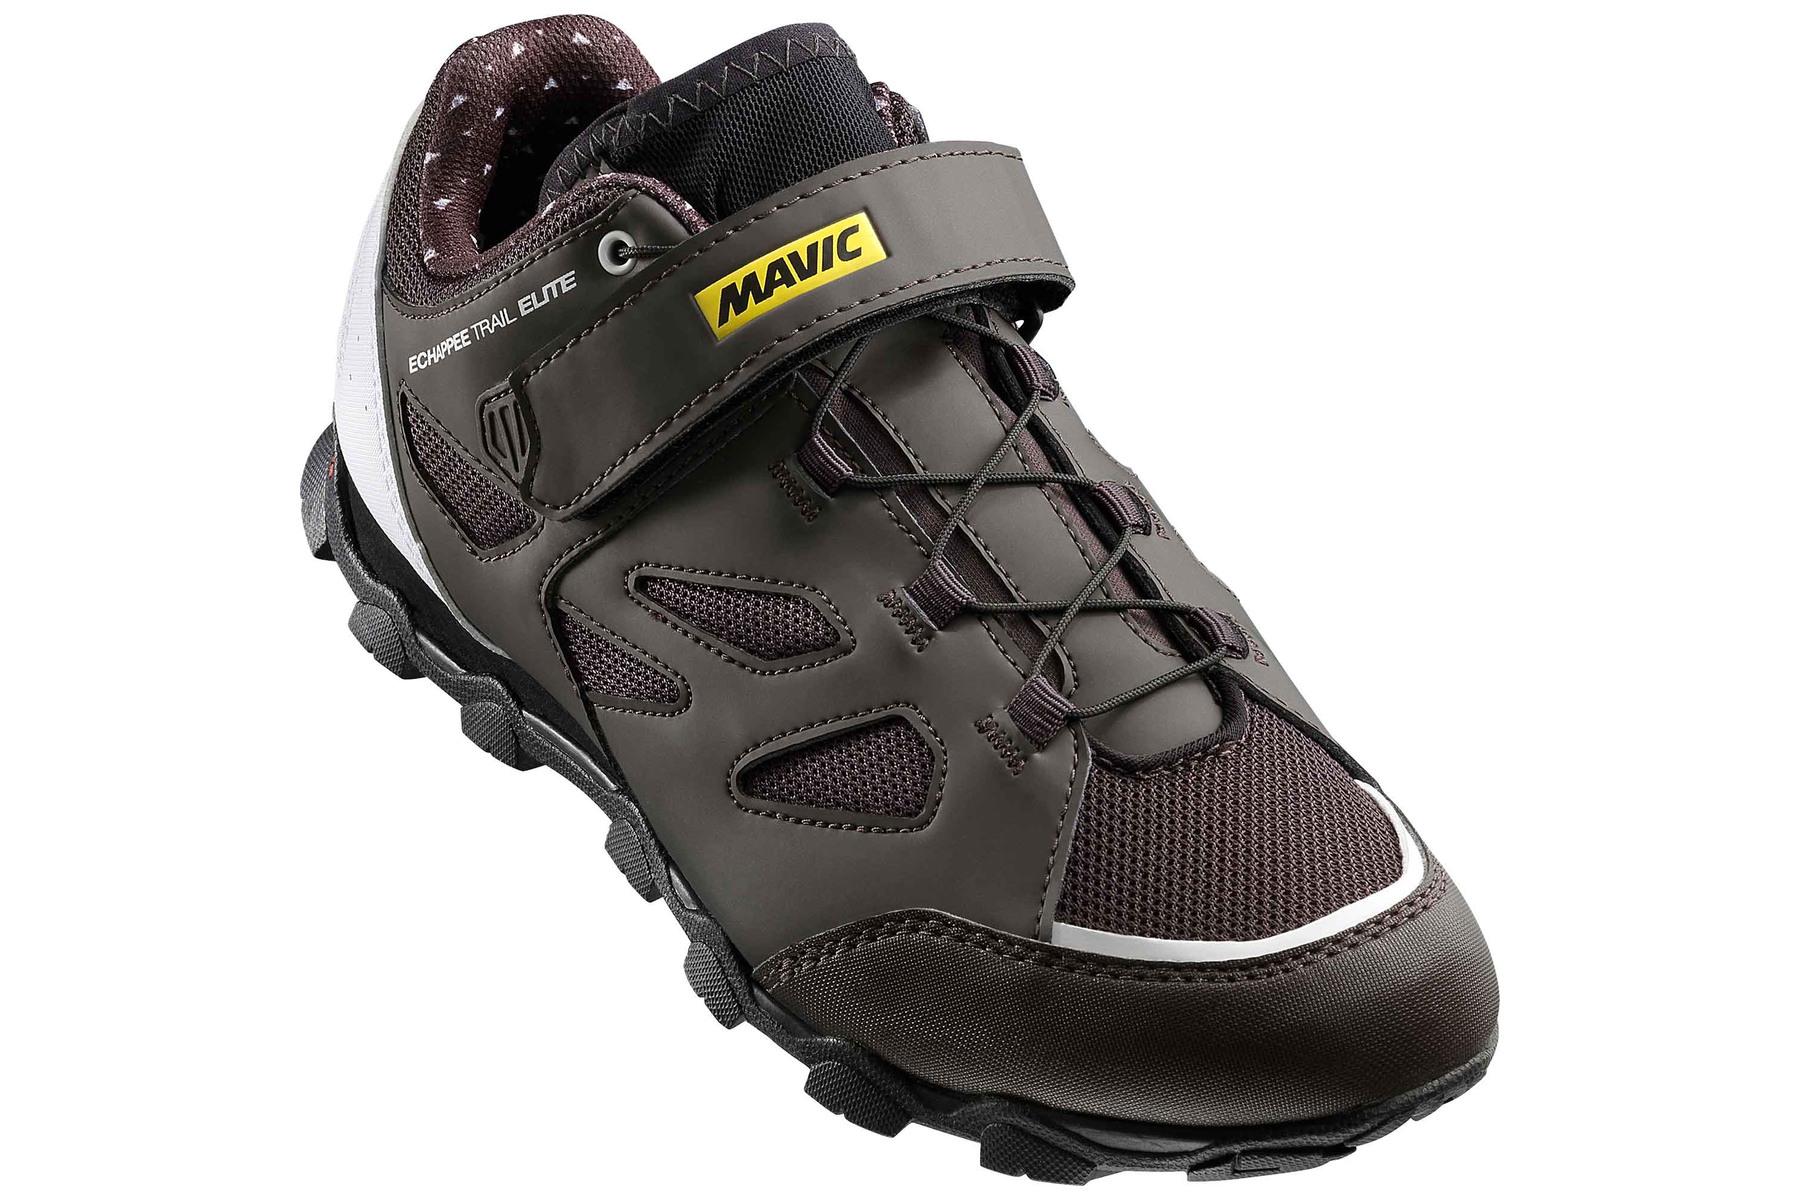 Bottes pour Garçon - noir - noir Echappée Trail Elite Chaussures Vtt/vtc De Femme  Inuovo Cloud  Nº De Pie - 39 Superfit 5-08164-03 03 8PUdw8